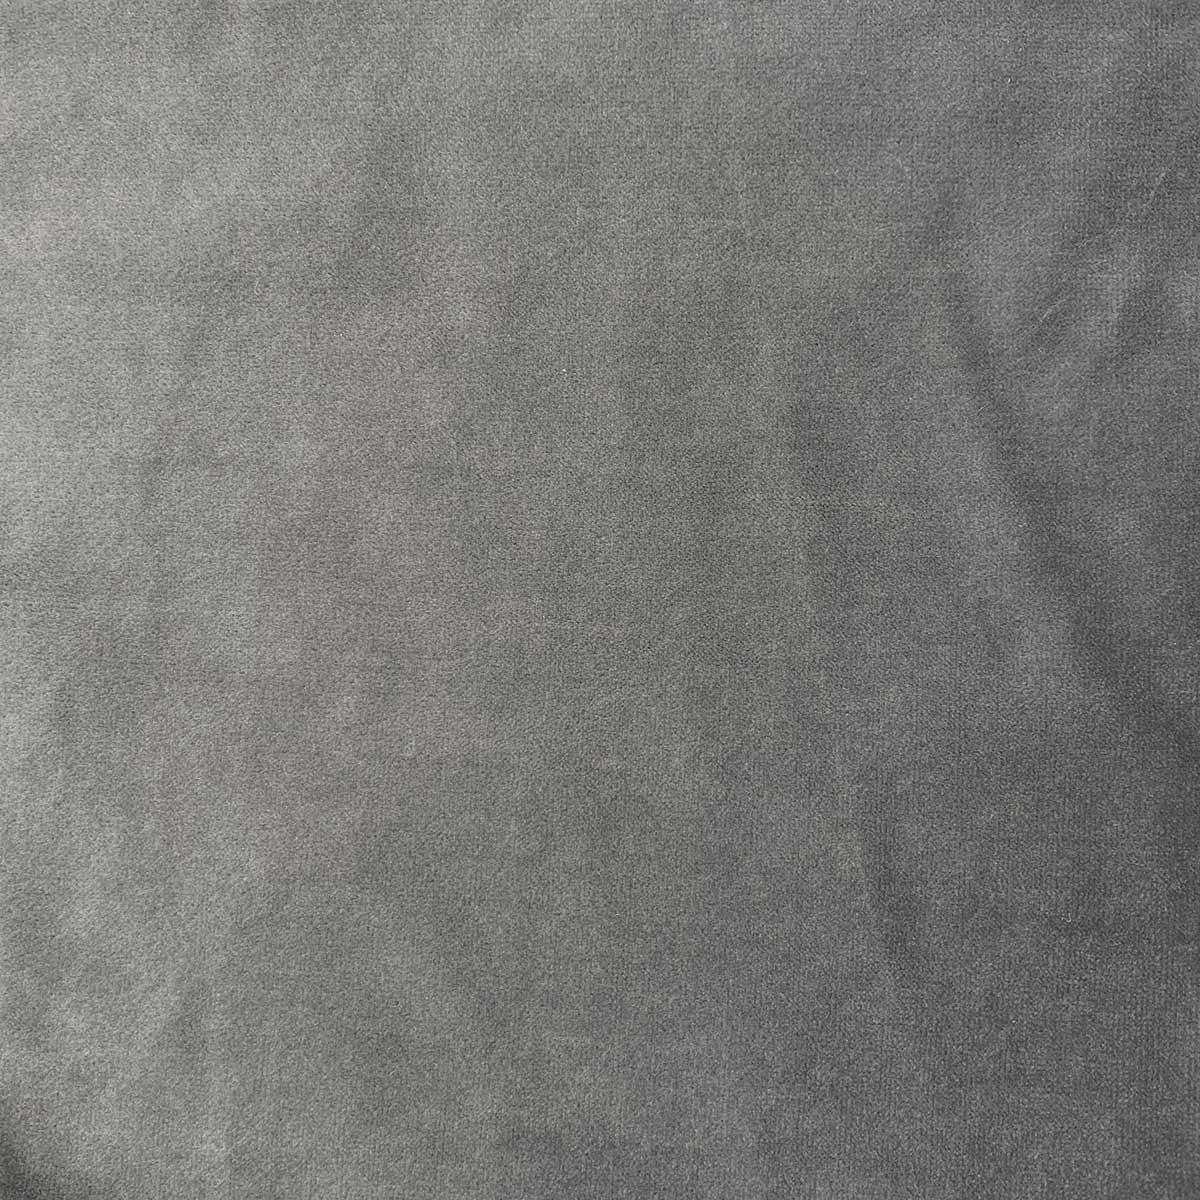 Tissu d'ameublement en velours uni - Gris Perle - 1.45 m